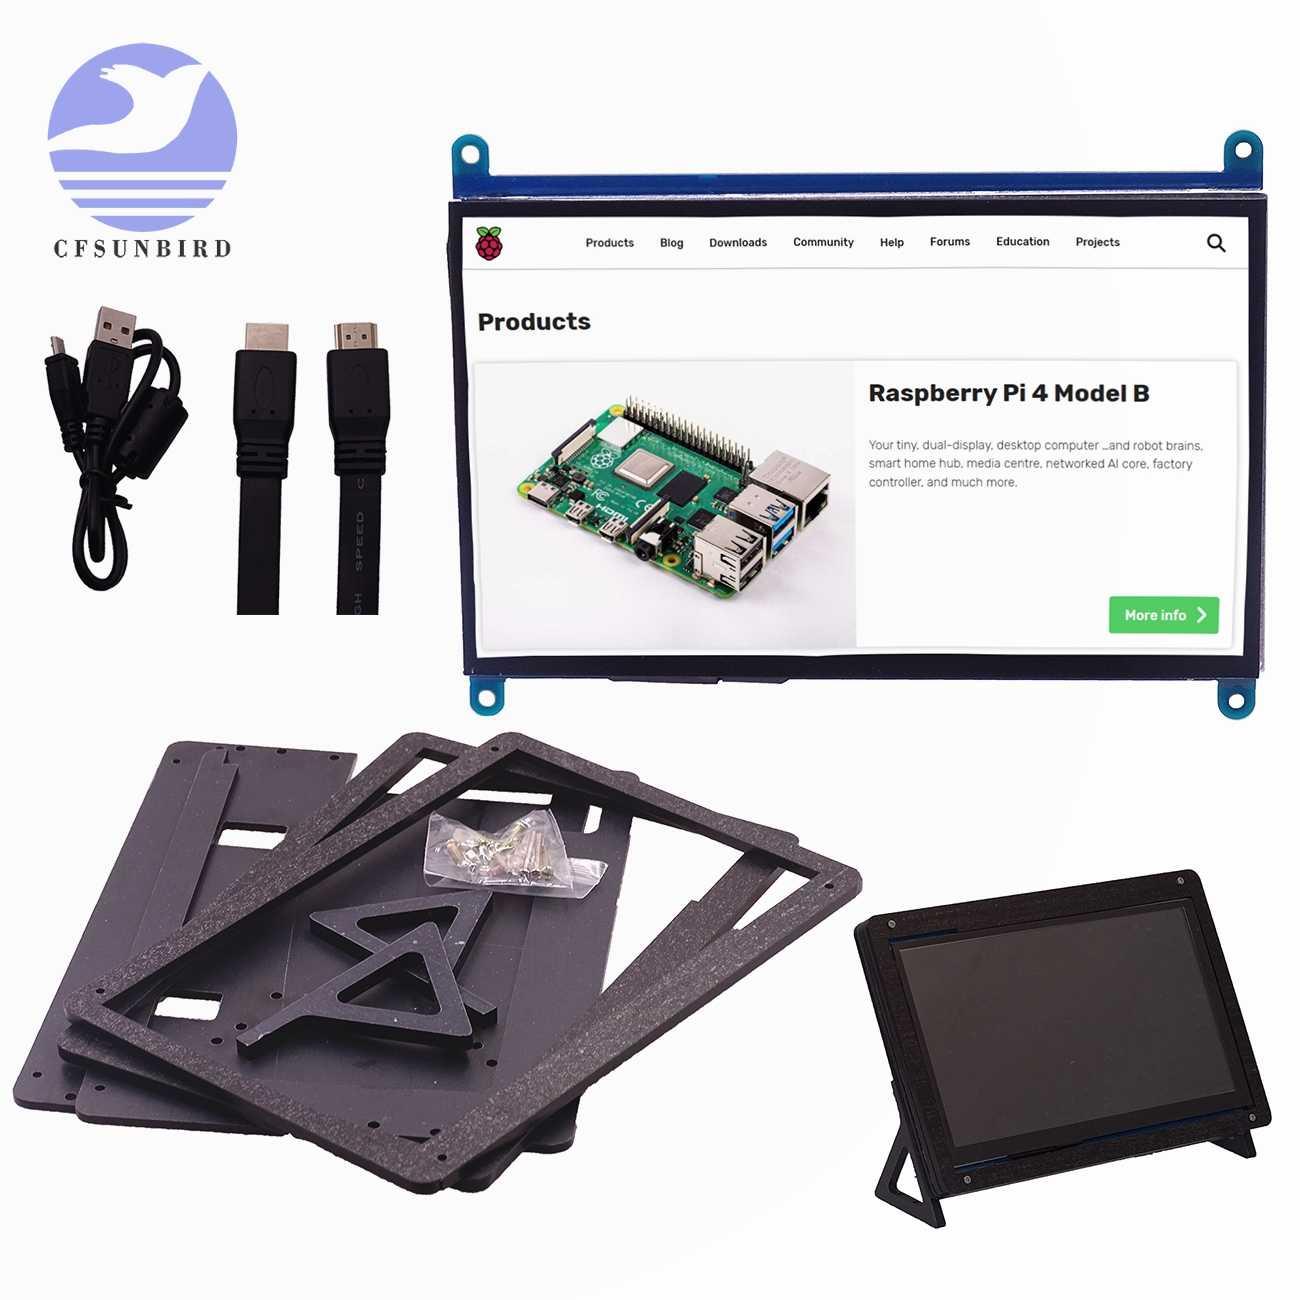 جديد 7 بوصة التوت بي 4 نموذج B 3B زائد شاشة إل سي دي باللمس شاشة 1024*600 800*480 HDMI TFT + حامل